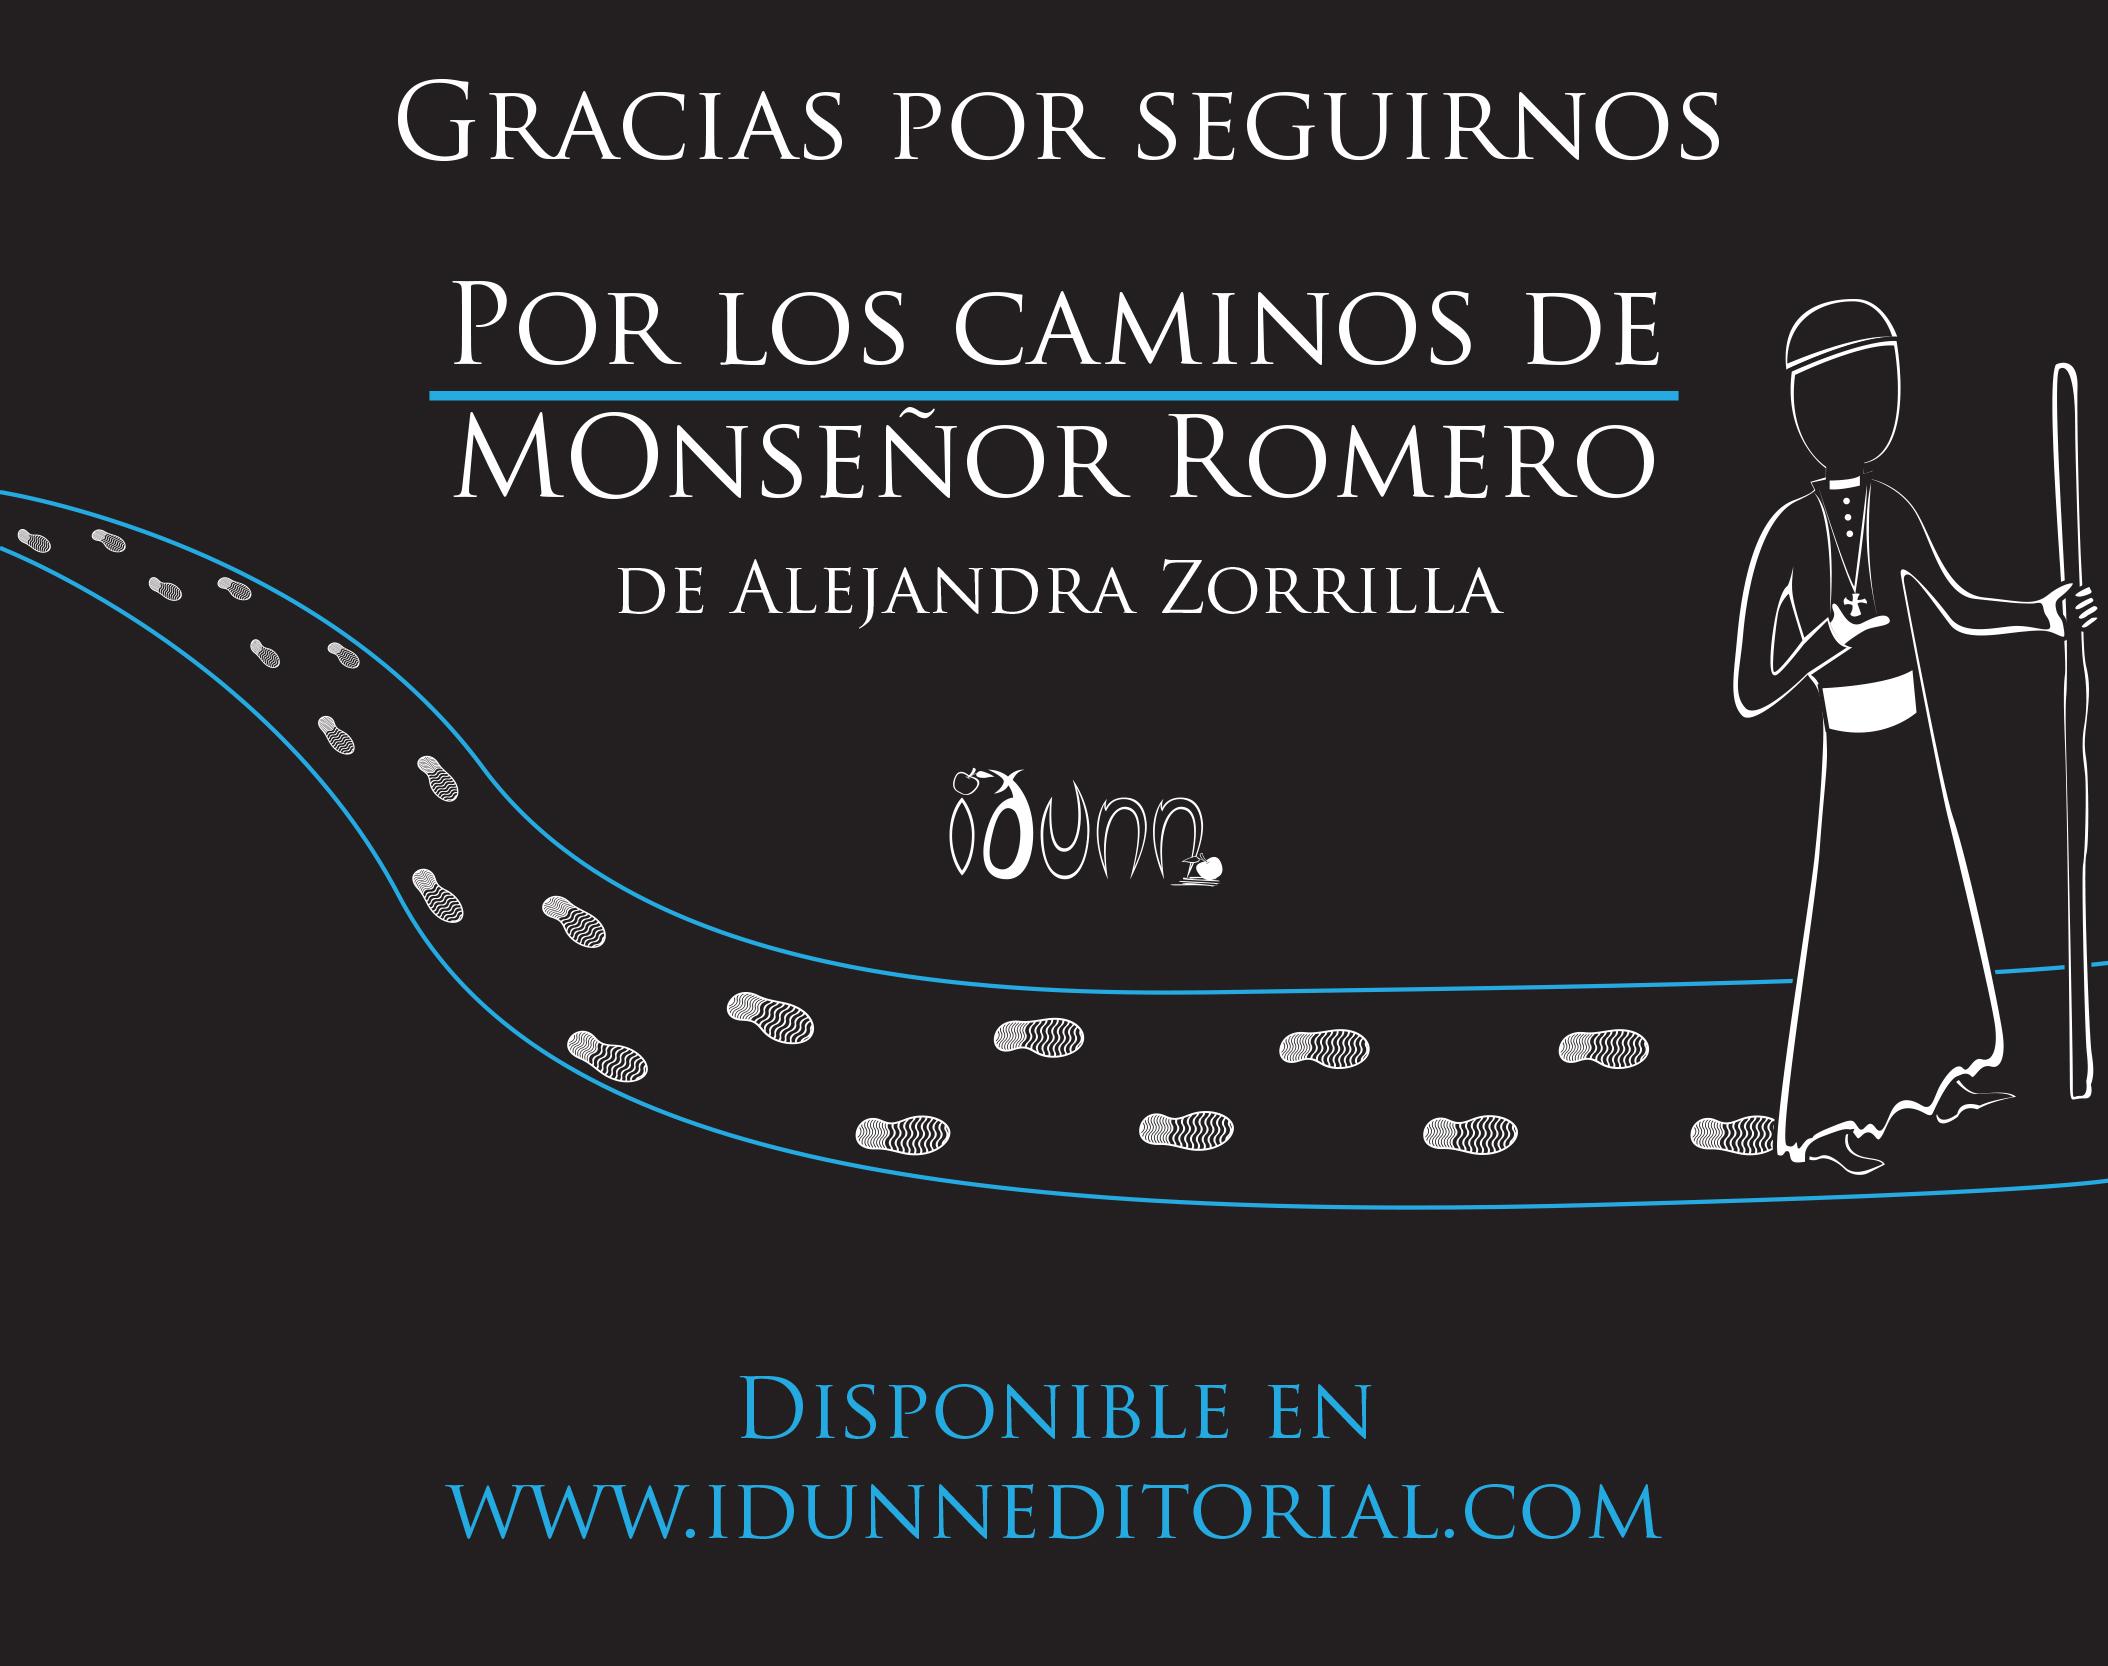 Imagen publicitaria Por los caminos de Monseñor Romero